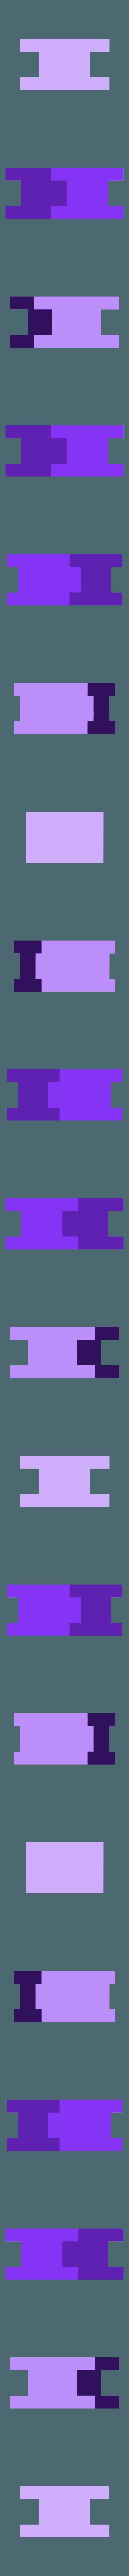 slider.stl Télécharger fichier STL gratuit Mécanique de la bouche et du sourcil, adaptable à la mécanique de l'œil • Modèle pour impression 3D, kakiemon